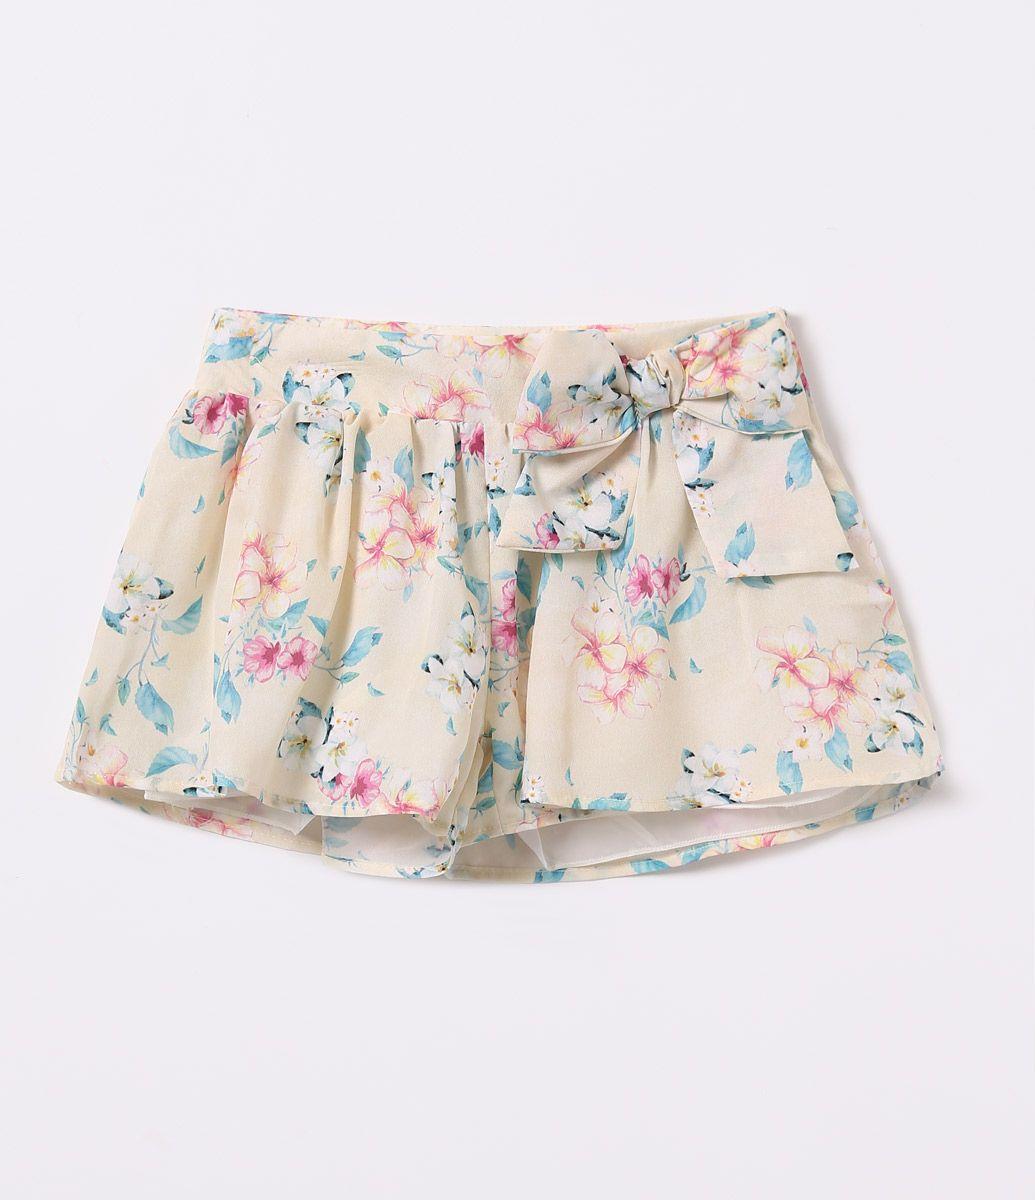 6caa1d0bad68 Short Saia Infantil Floral com Laço Aplicado - Tam 1 a 4 anos - Lojas Renner